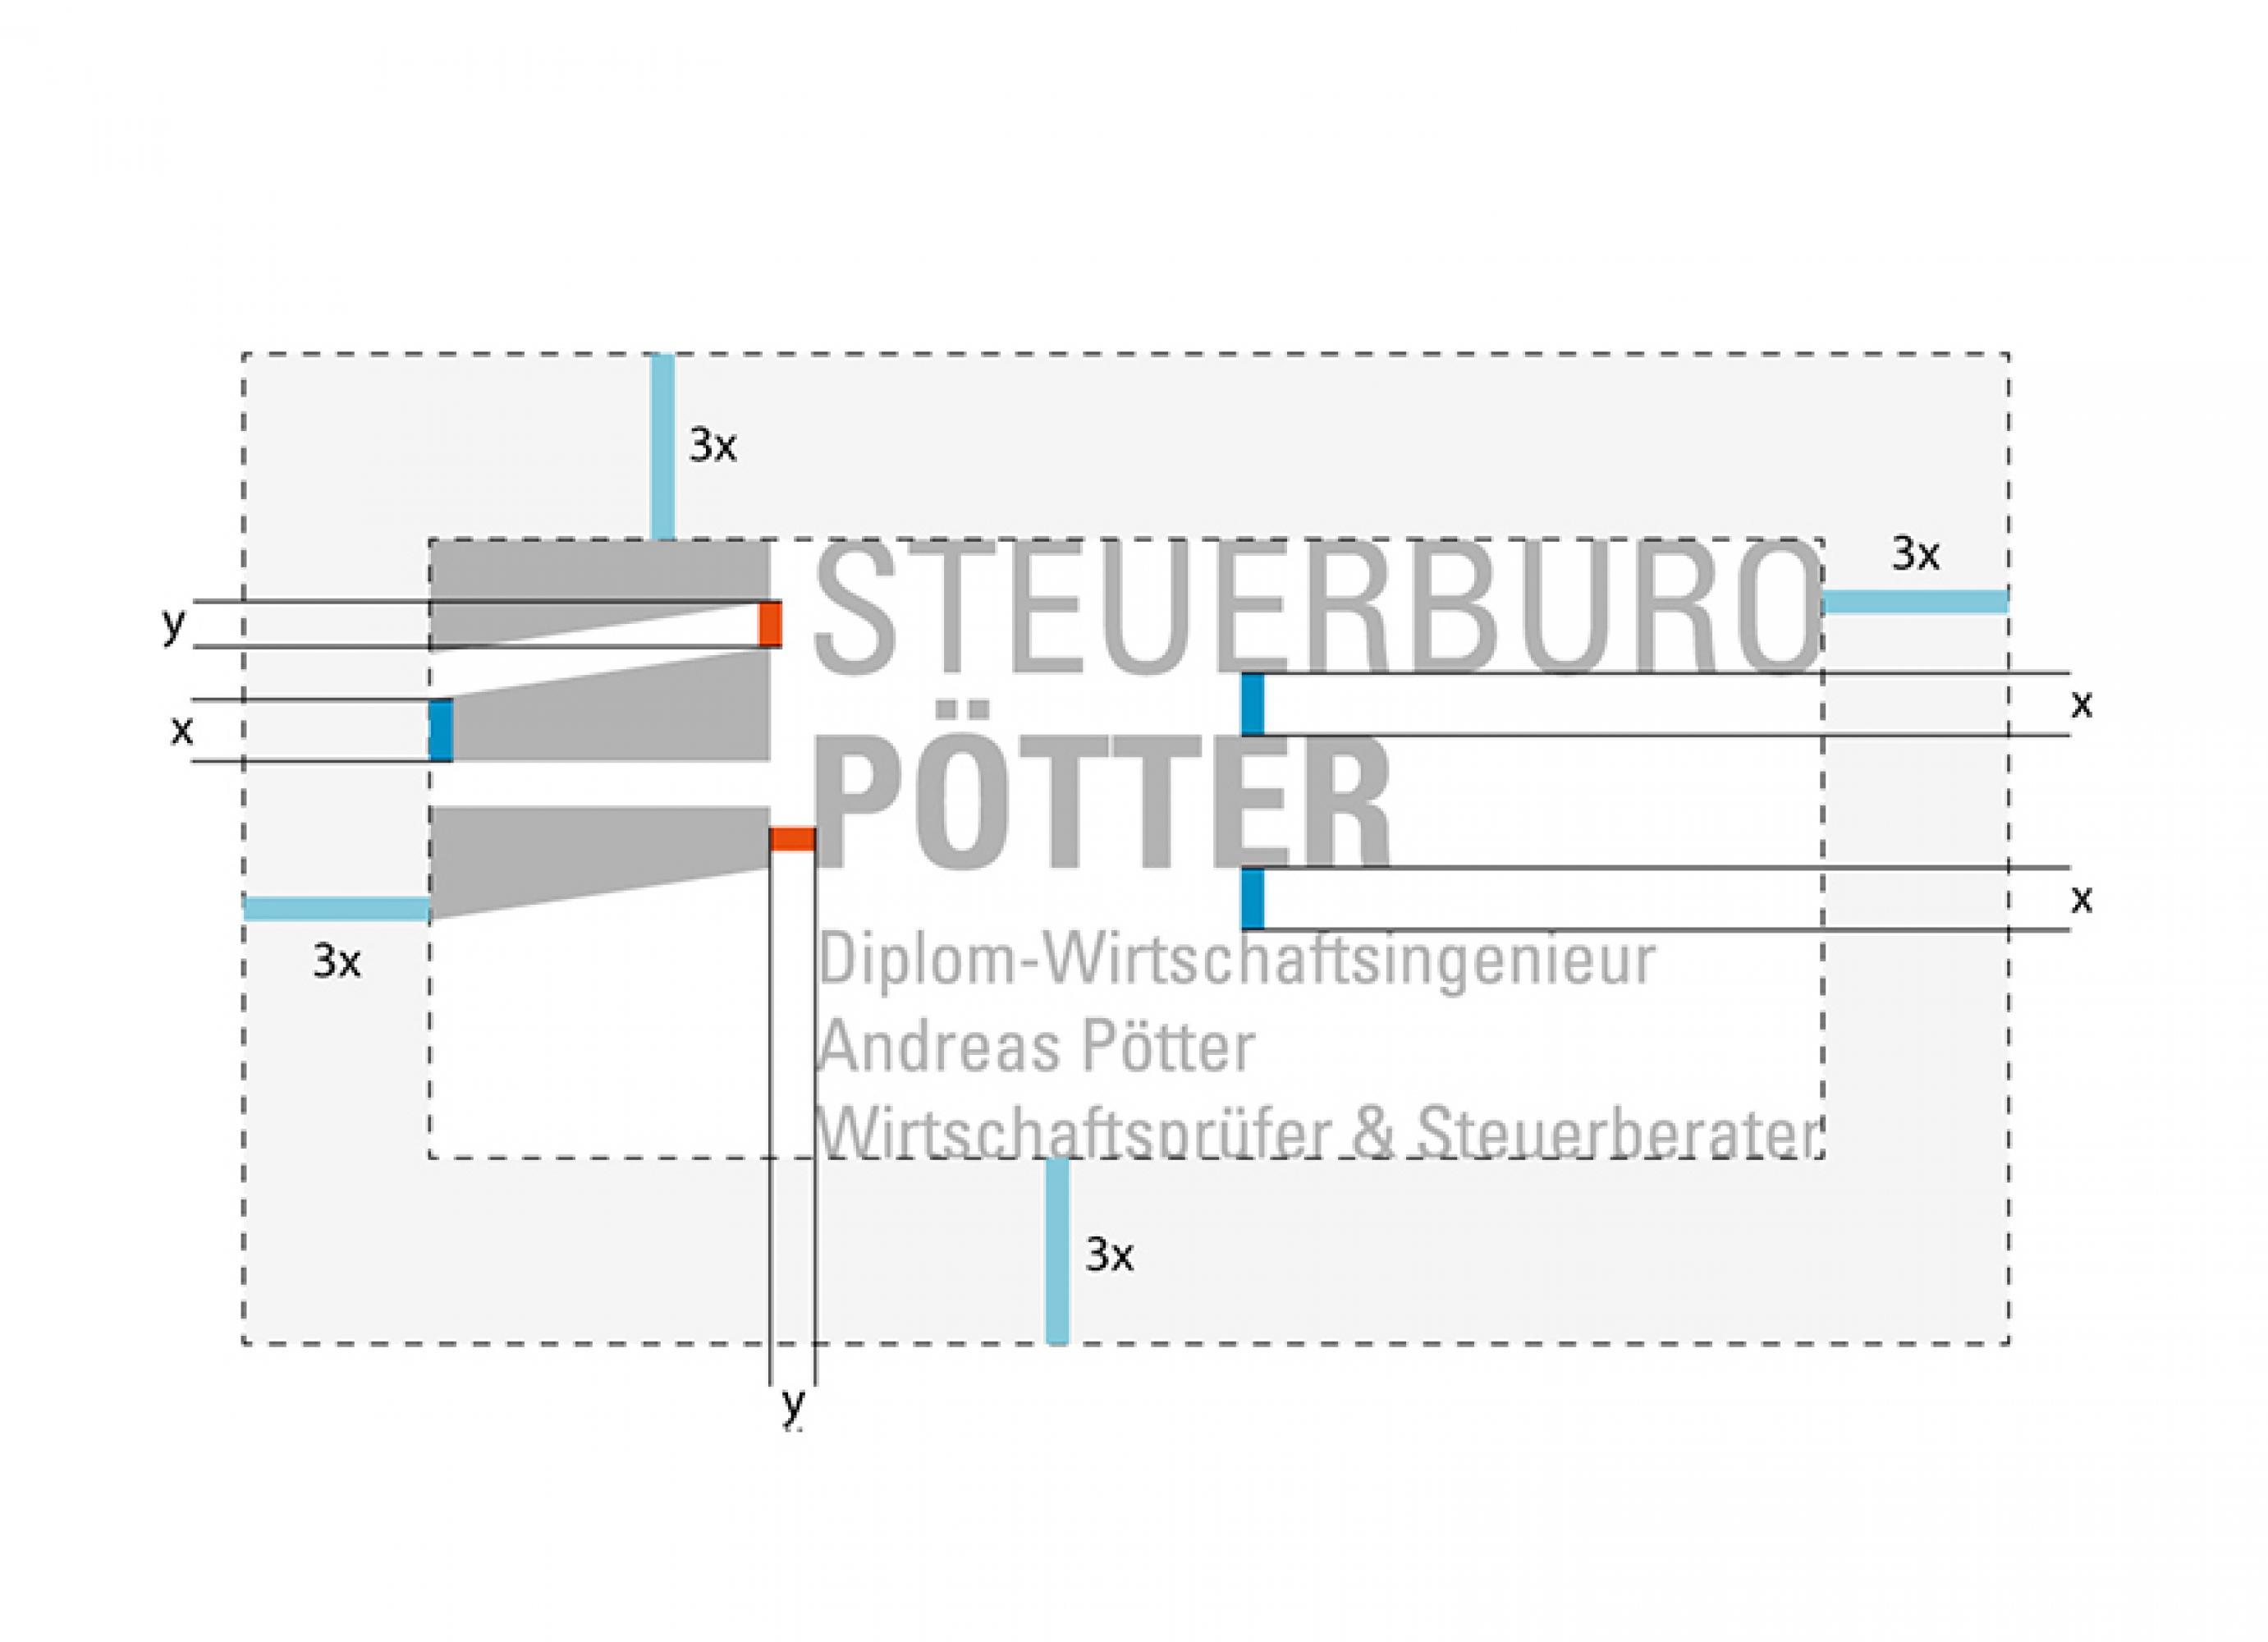 Logo-Gestaltung-Steuerbüro-Steuerberater-Wirtschaftsprüfer-02